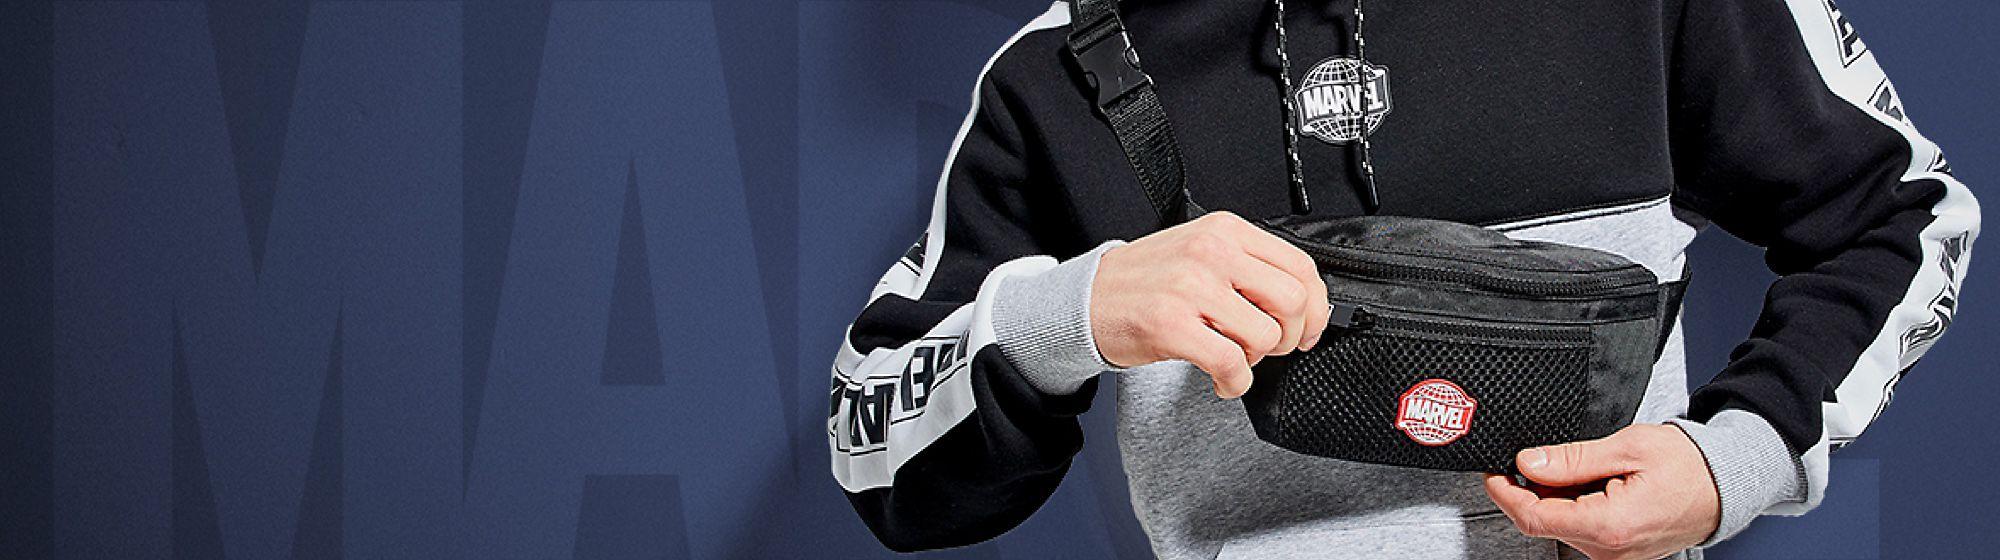 Accessoires Découvrez vite les accessoires pour homme de Disney, ils apporteront une touche fantaisie, originale ou chic à toutes vos tenues!